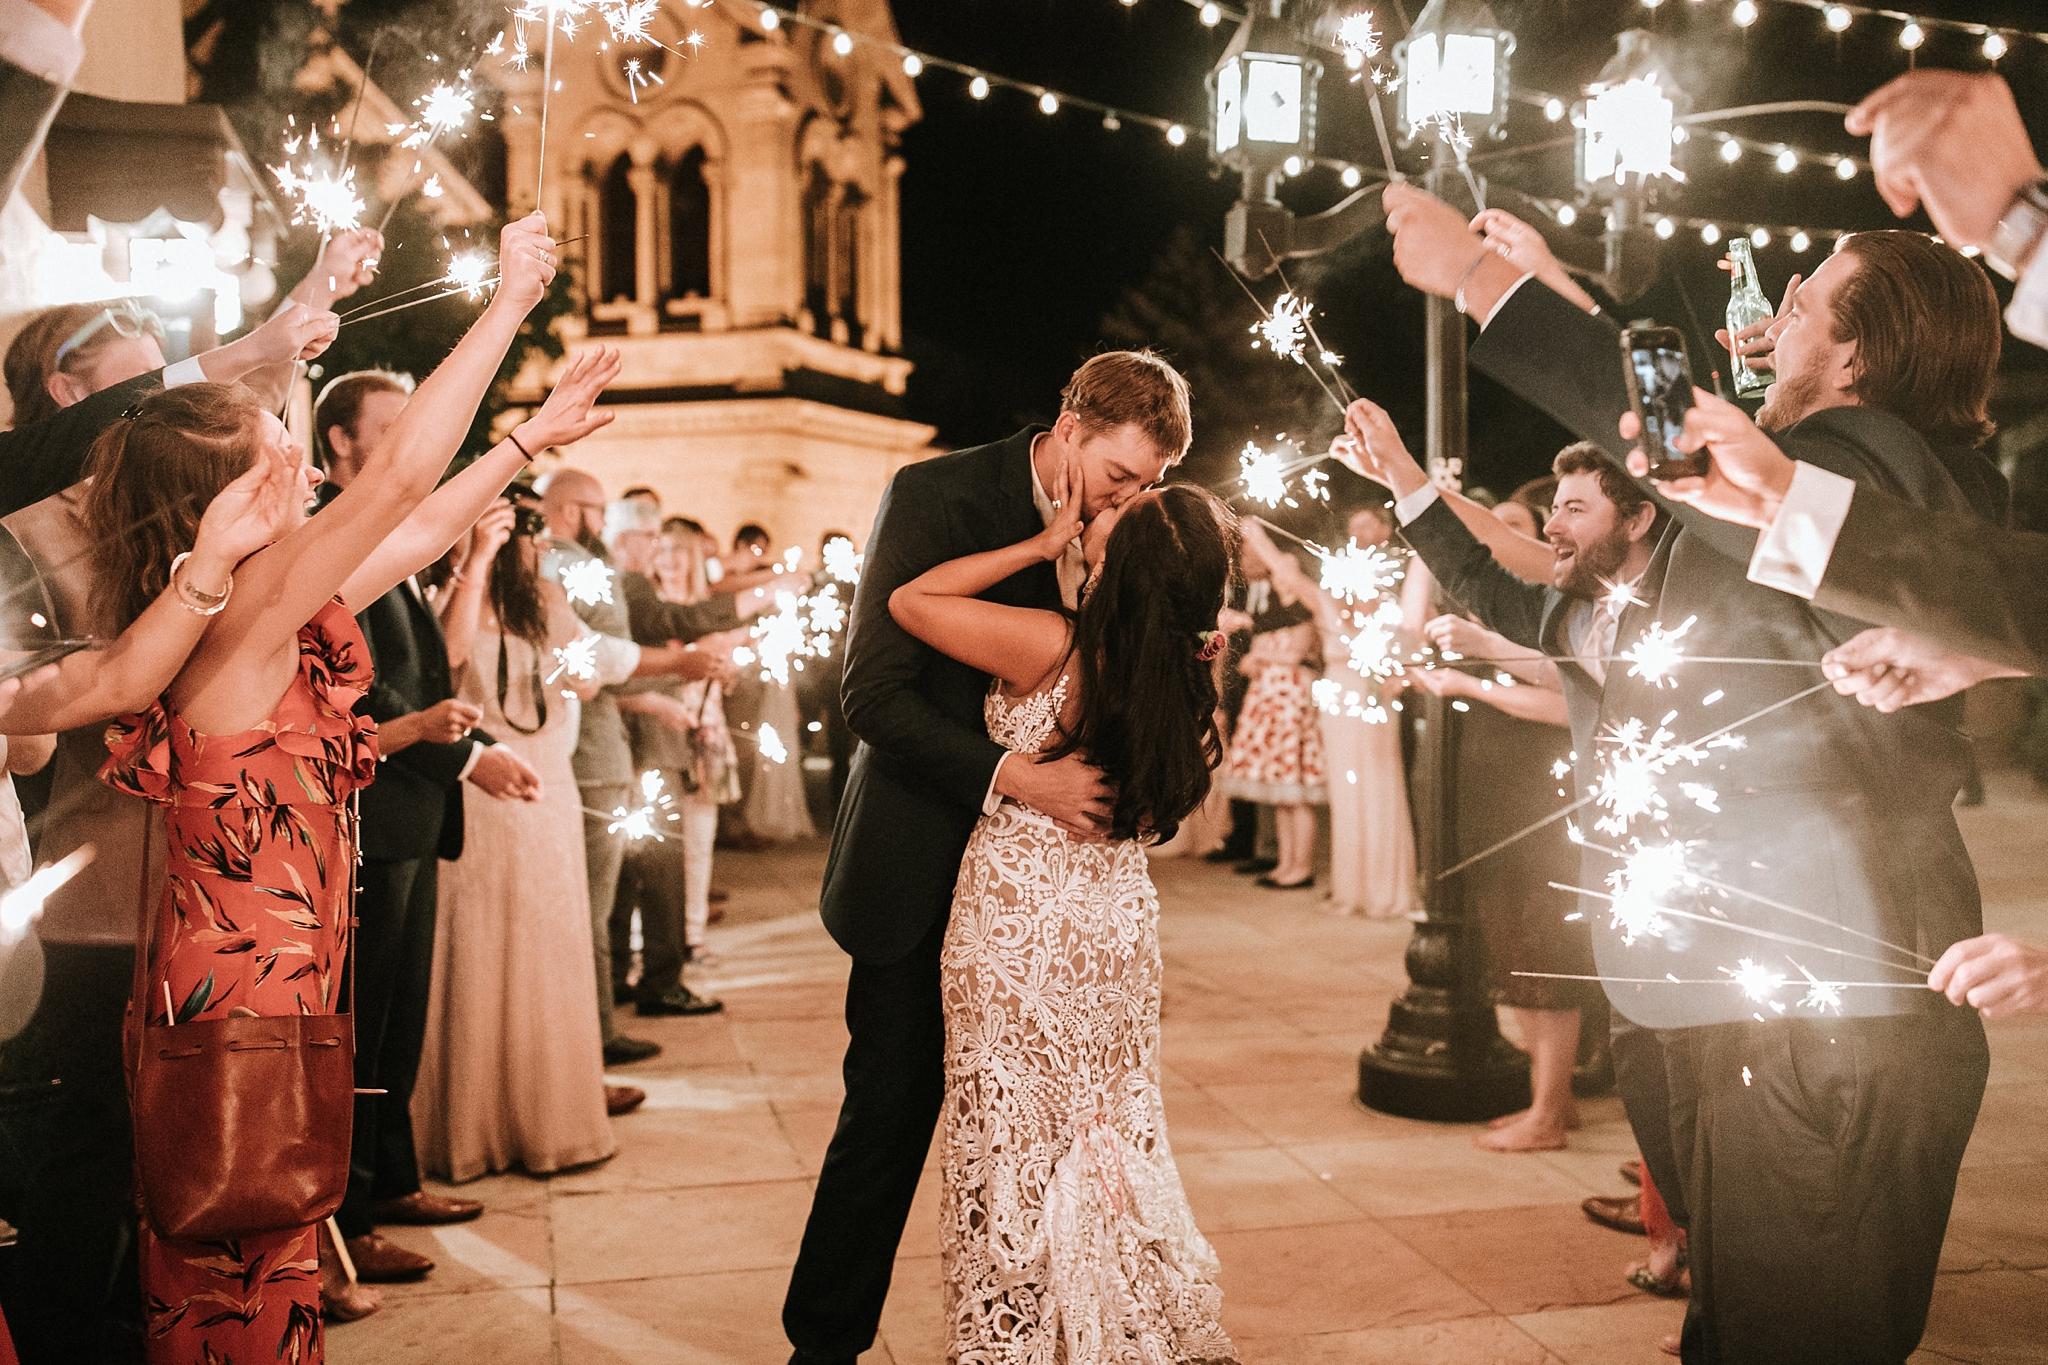 Alicia+lucia+photography+-+albuquerque+wedding+photographer+-+santa+fe+wedding+photography+-+new+mexico+wedding+photographer+-+new+mexico+wedding+-+wedding+photographer+-+wedding+photographer+team_0249.jpg